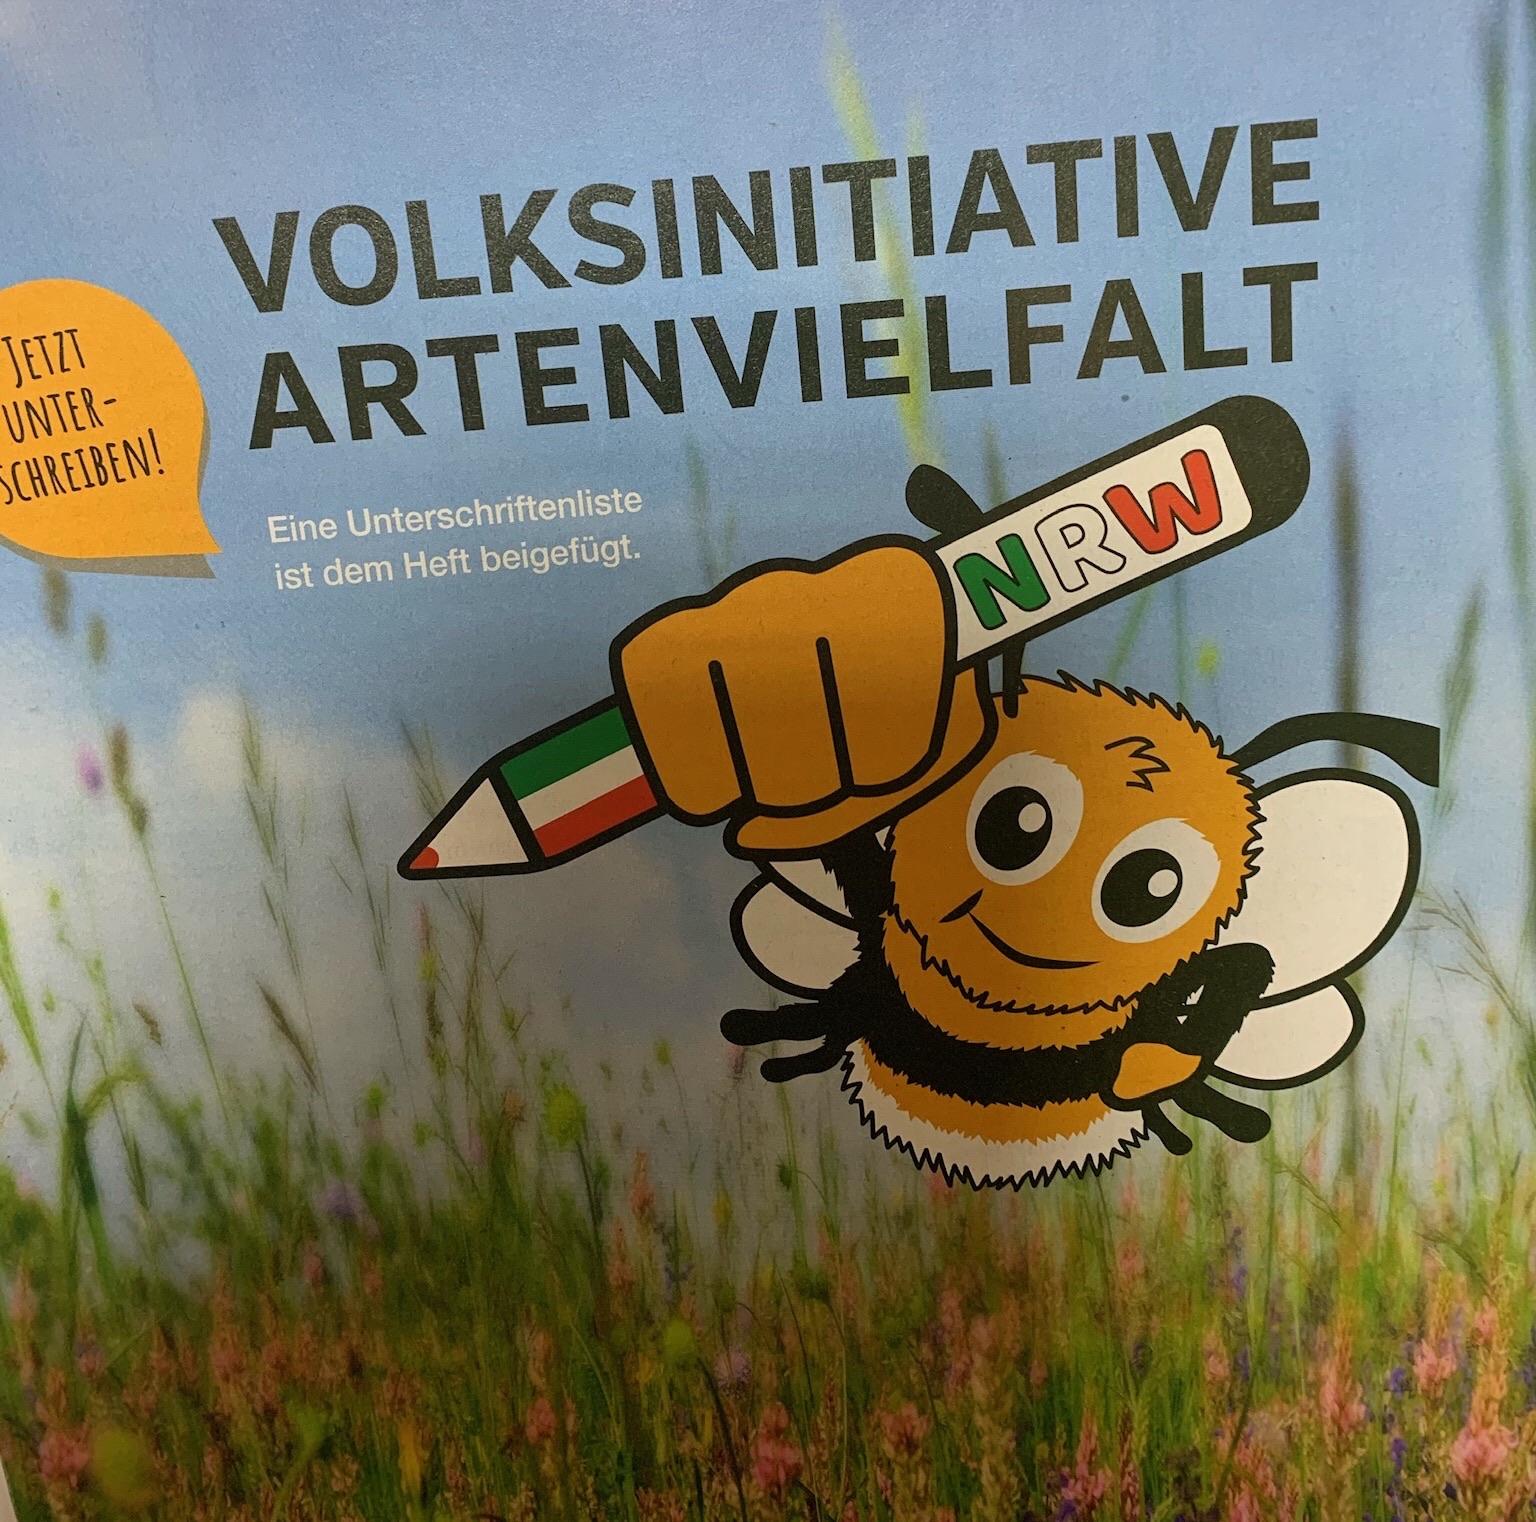 """Volksinitiative """"Artenvielfalt"""" geht in die Schlussrunde  –  BA hofft noch auf viele Nachzügler"""